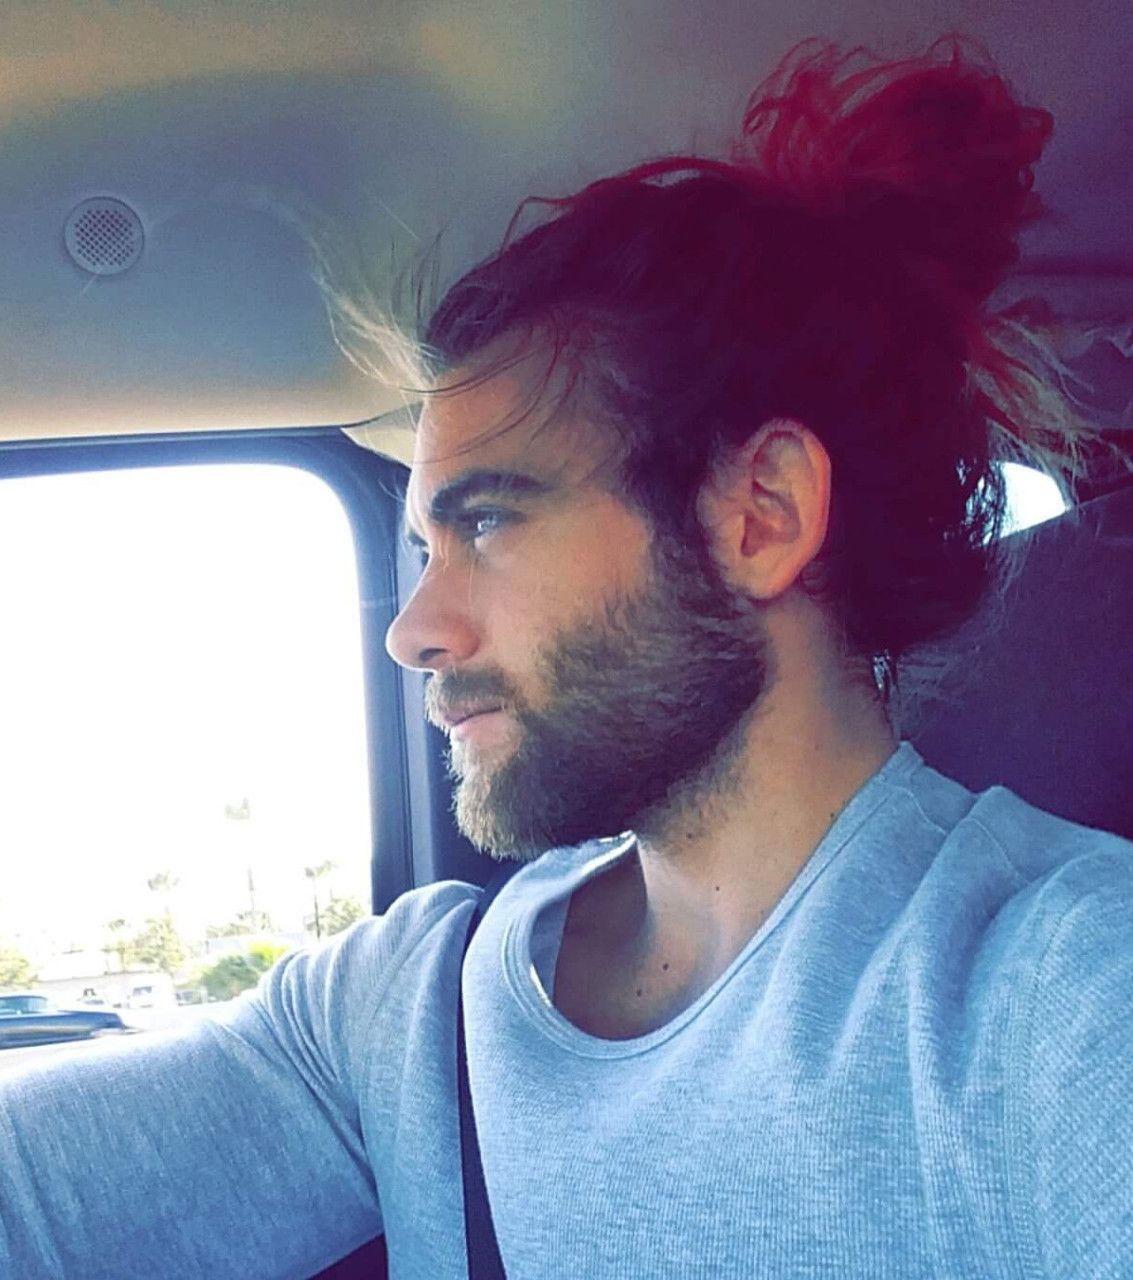 Coupe de cheveux chignon pour homme - Coupes de cheveux et coiffures